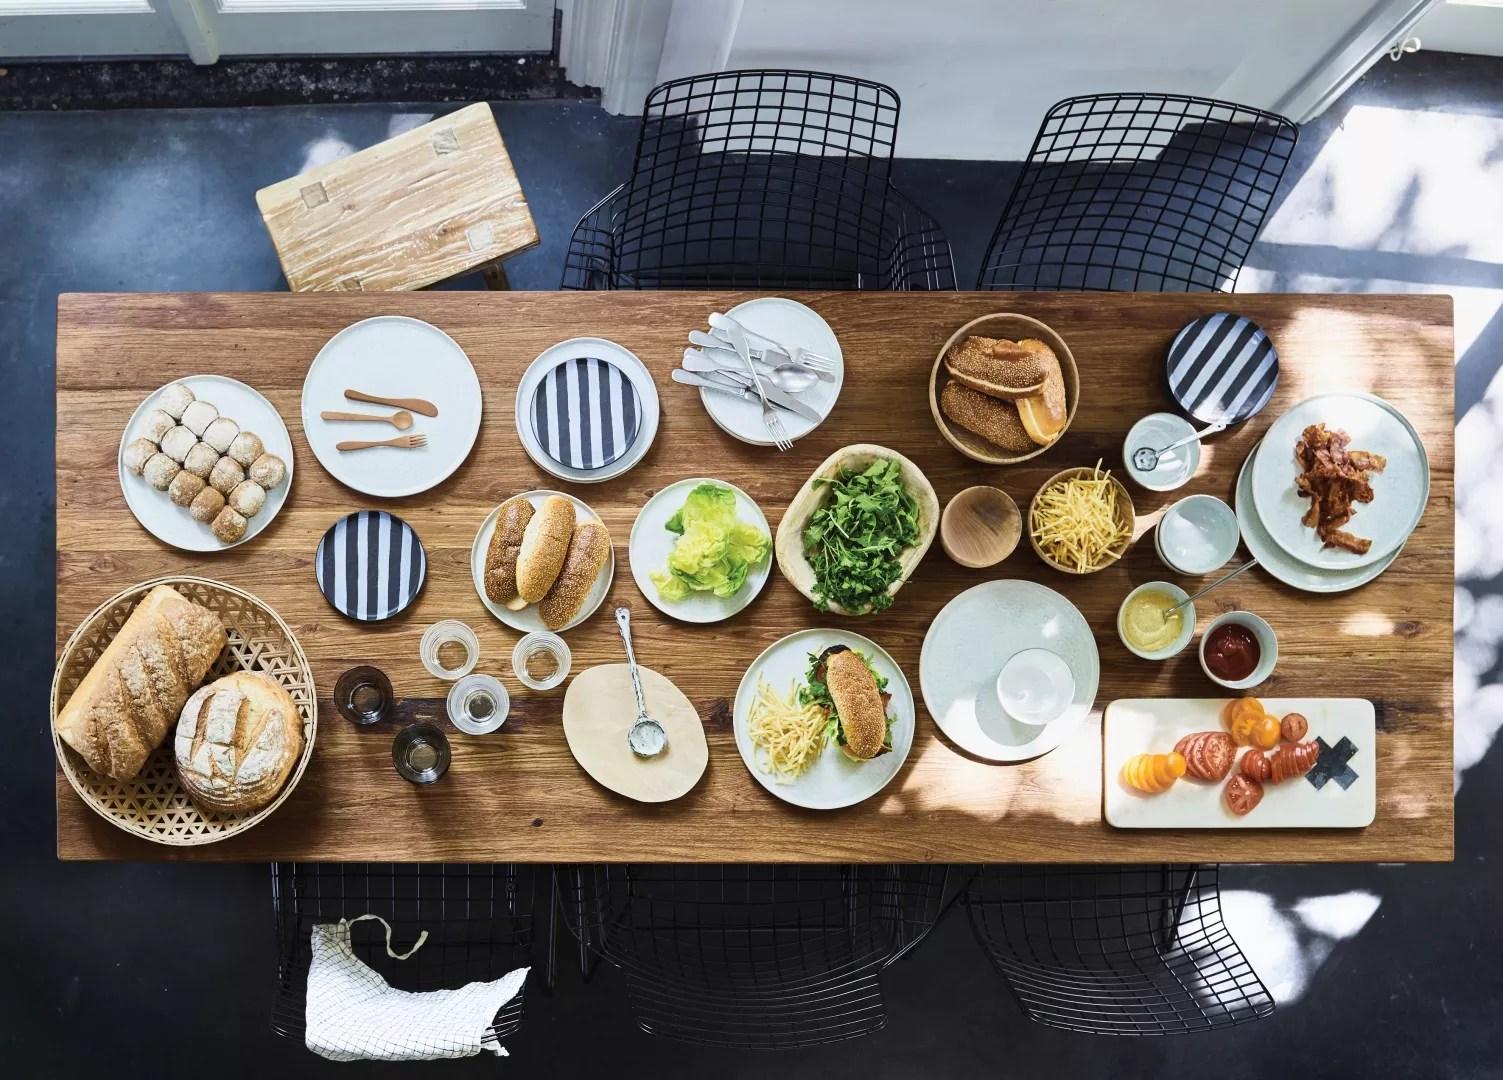 Interieur | Aan tafel! Zomers servies en tafel styling - Woonblog StijlvolStyling.com (beeld: hkliving)